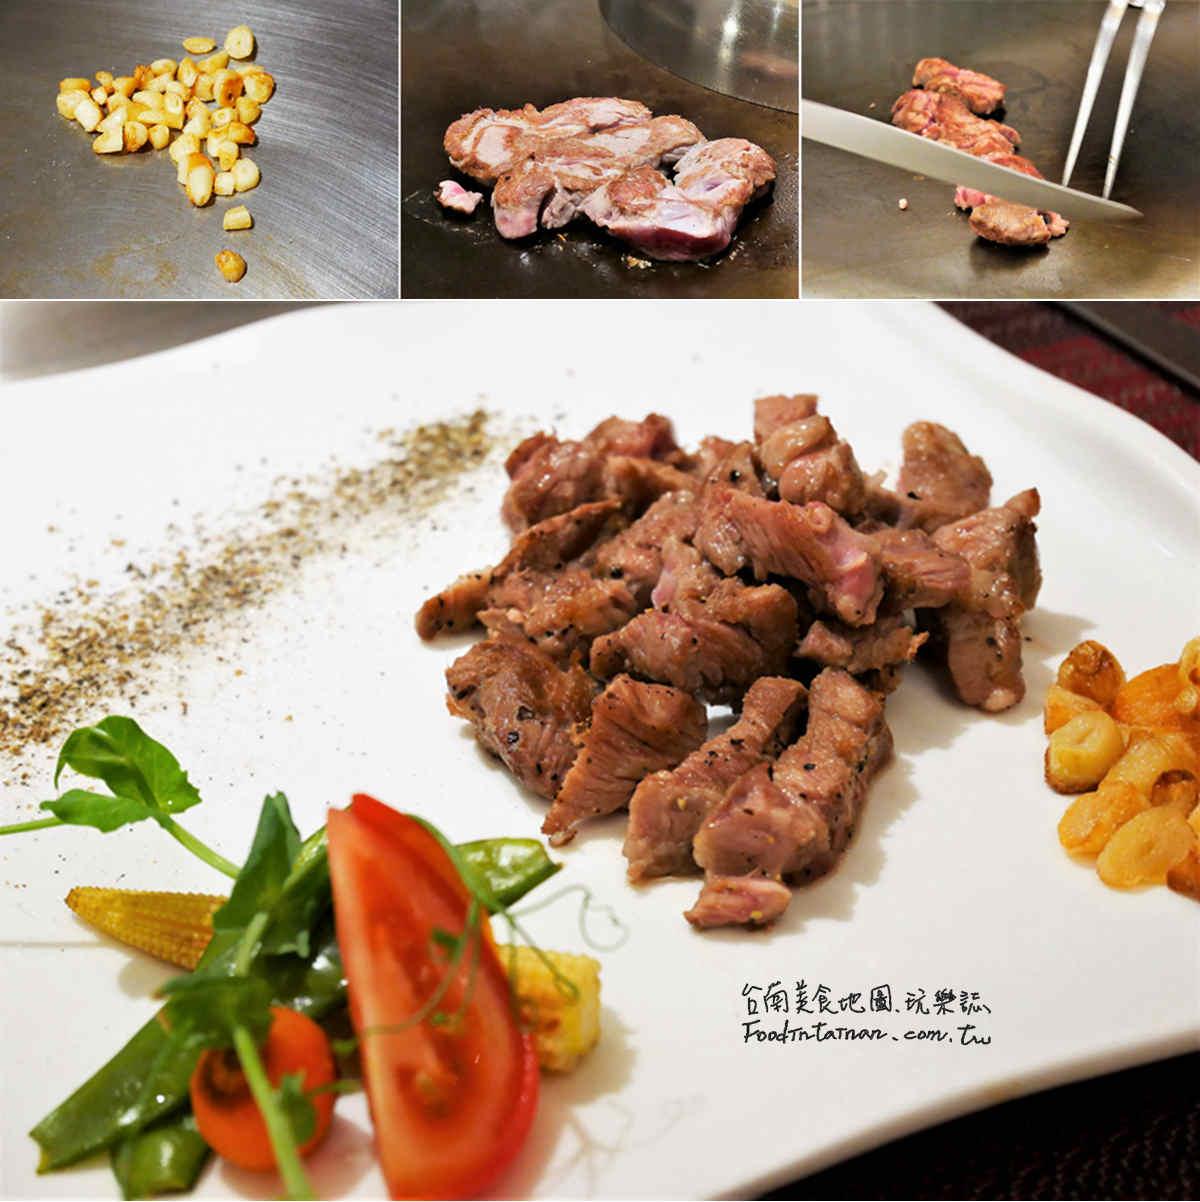 台南美食-真炙鐵板料理